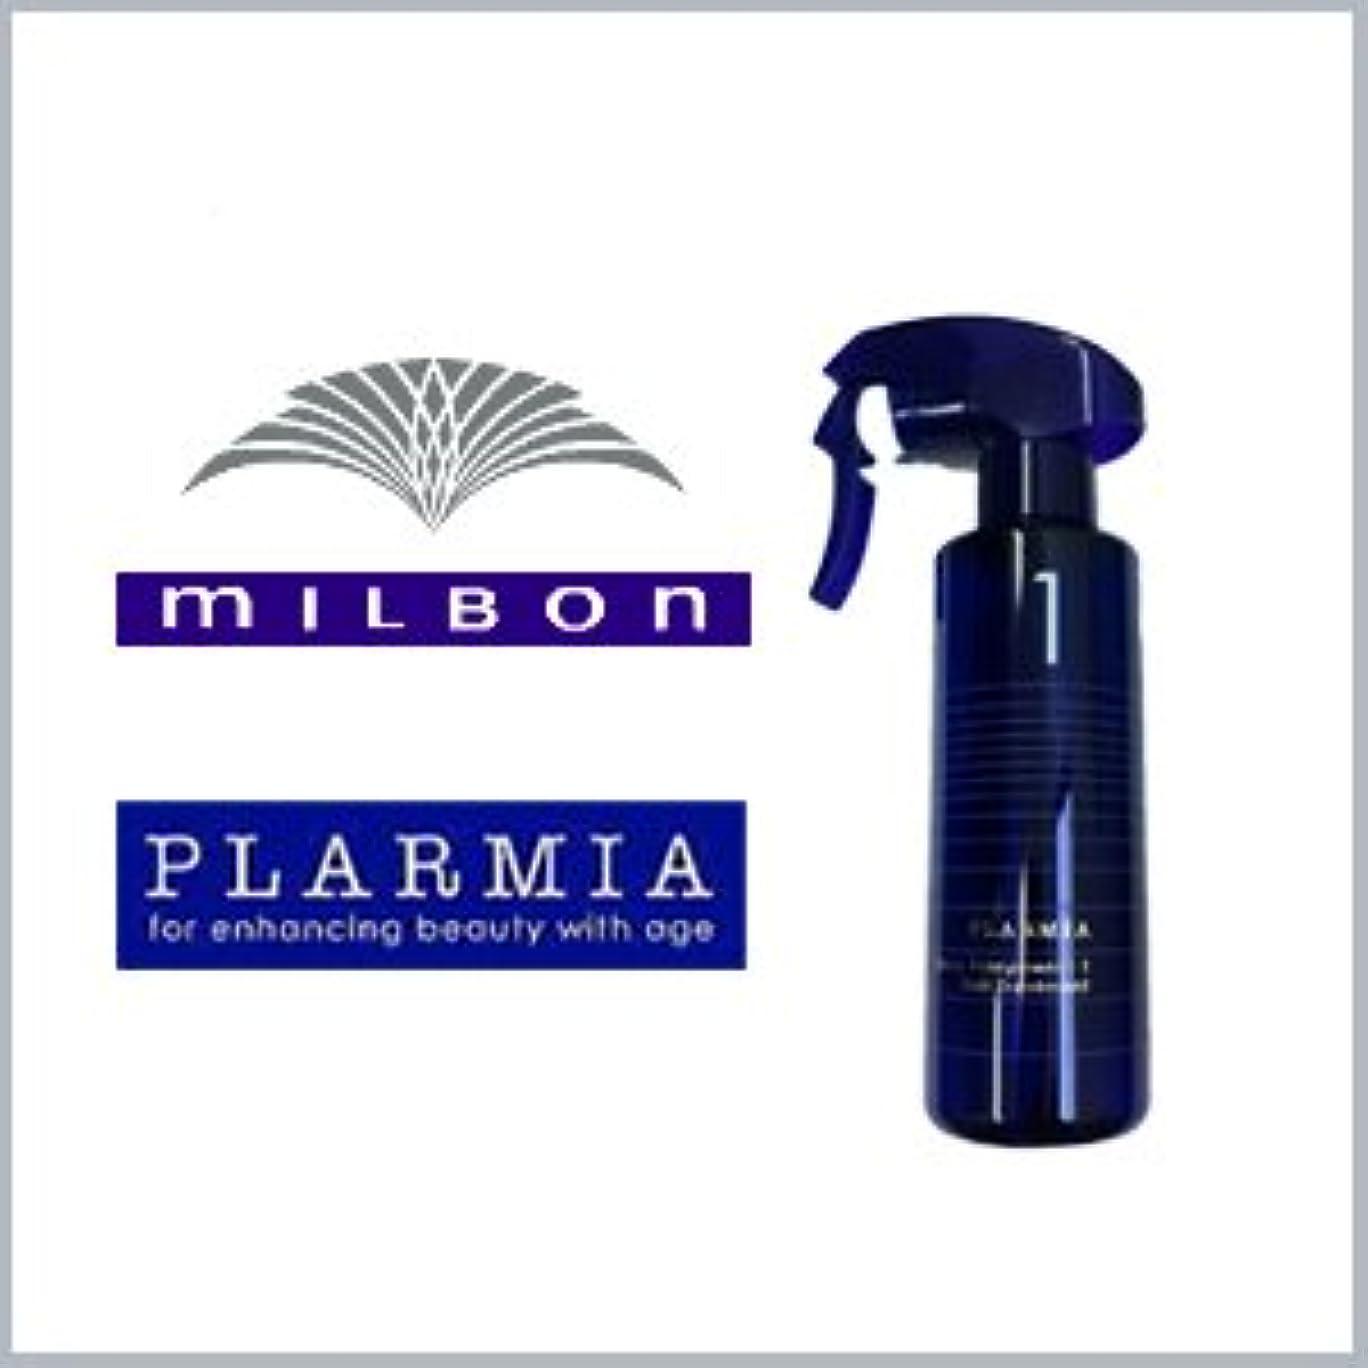 取り替える損なう有効化ミルボン プラーミア ディープエナジメント1 空容器 180g